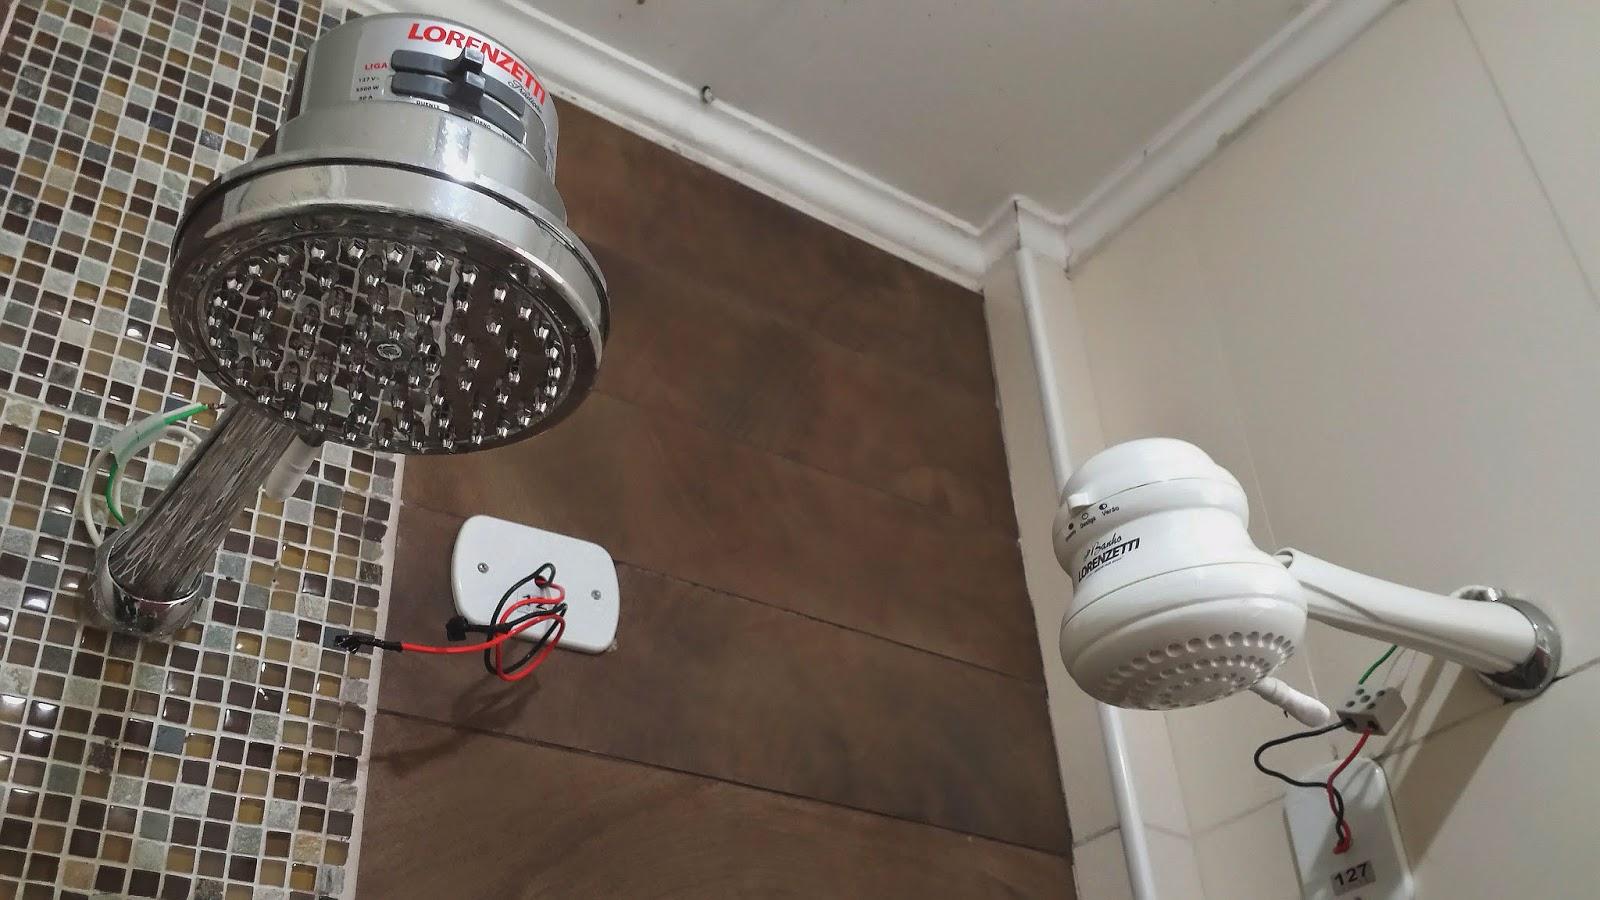 #5B4637 Dicas do Gilson Eletricista: Um pequeno banheiro reformado e com 2  1600x900 px Banheiros Pequenos Terra 121